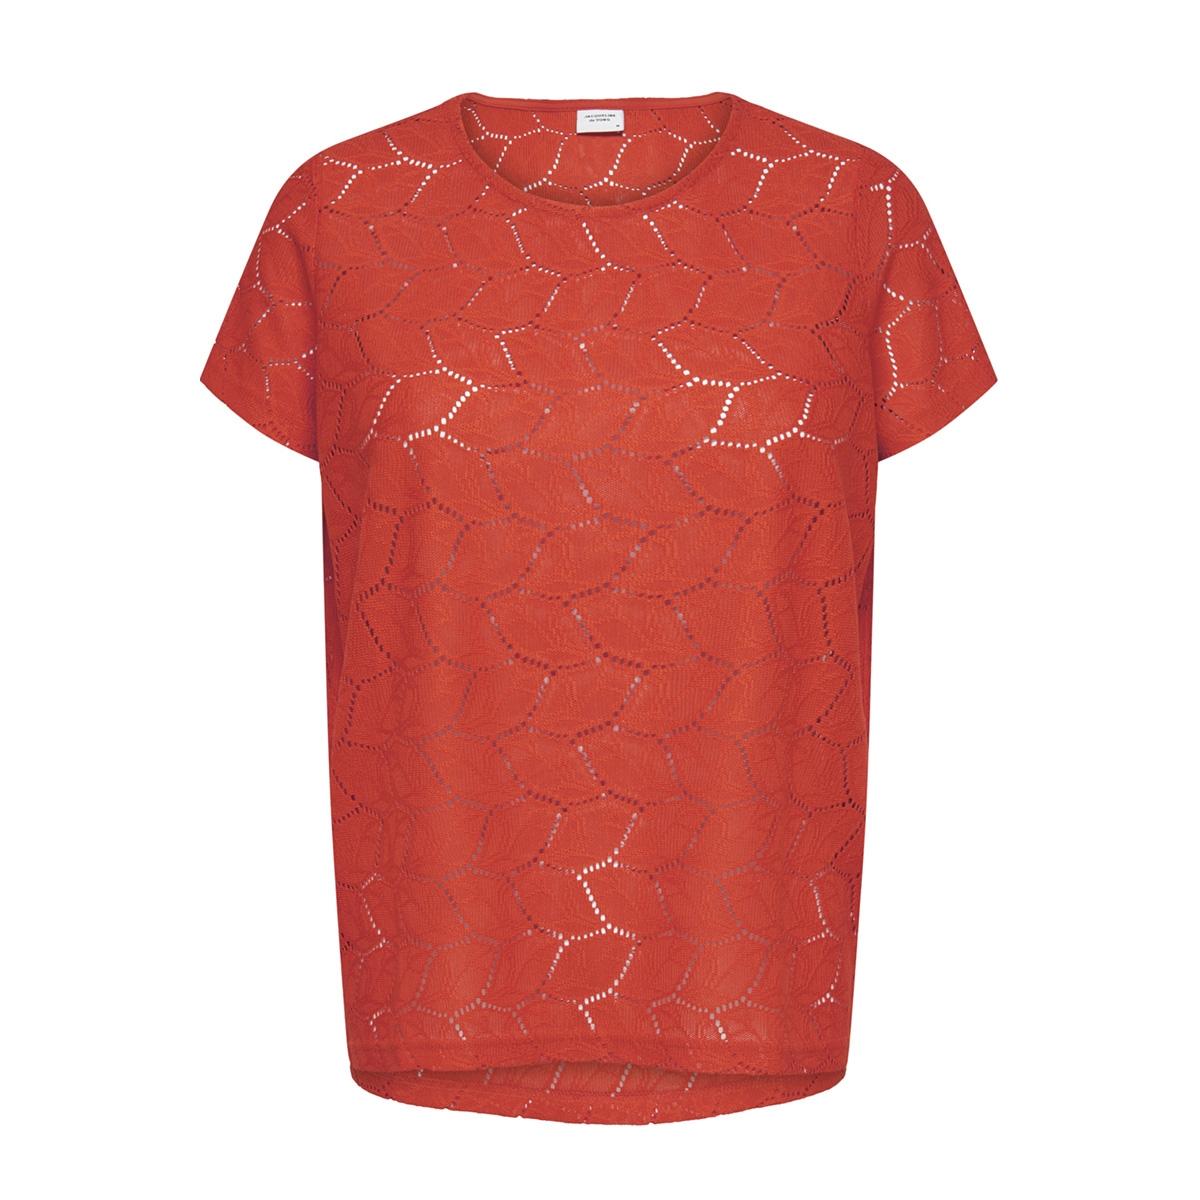 jdytag s/s lace top jrs rpt2 noos 15152331 jacqueline de yong t-shirt fiery red